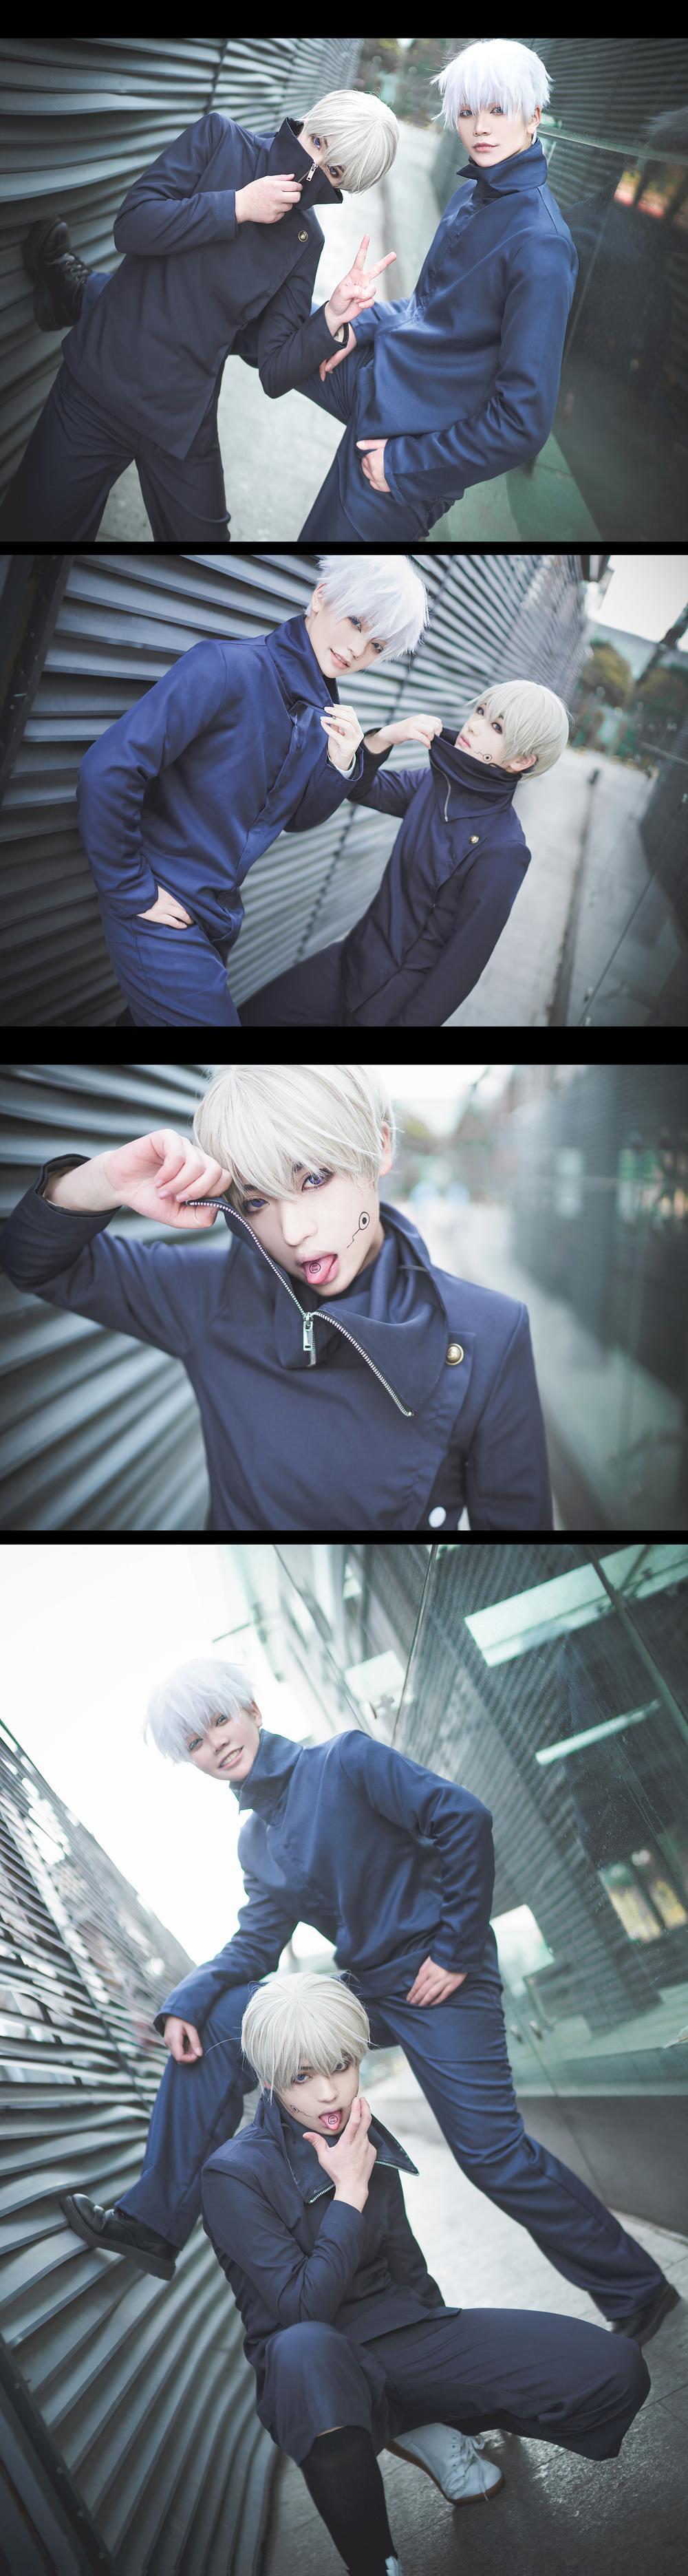 《咒术回战》正片cosplay【CN:枫鵺rain】-第5张